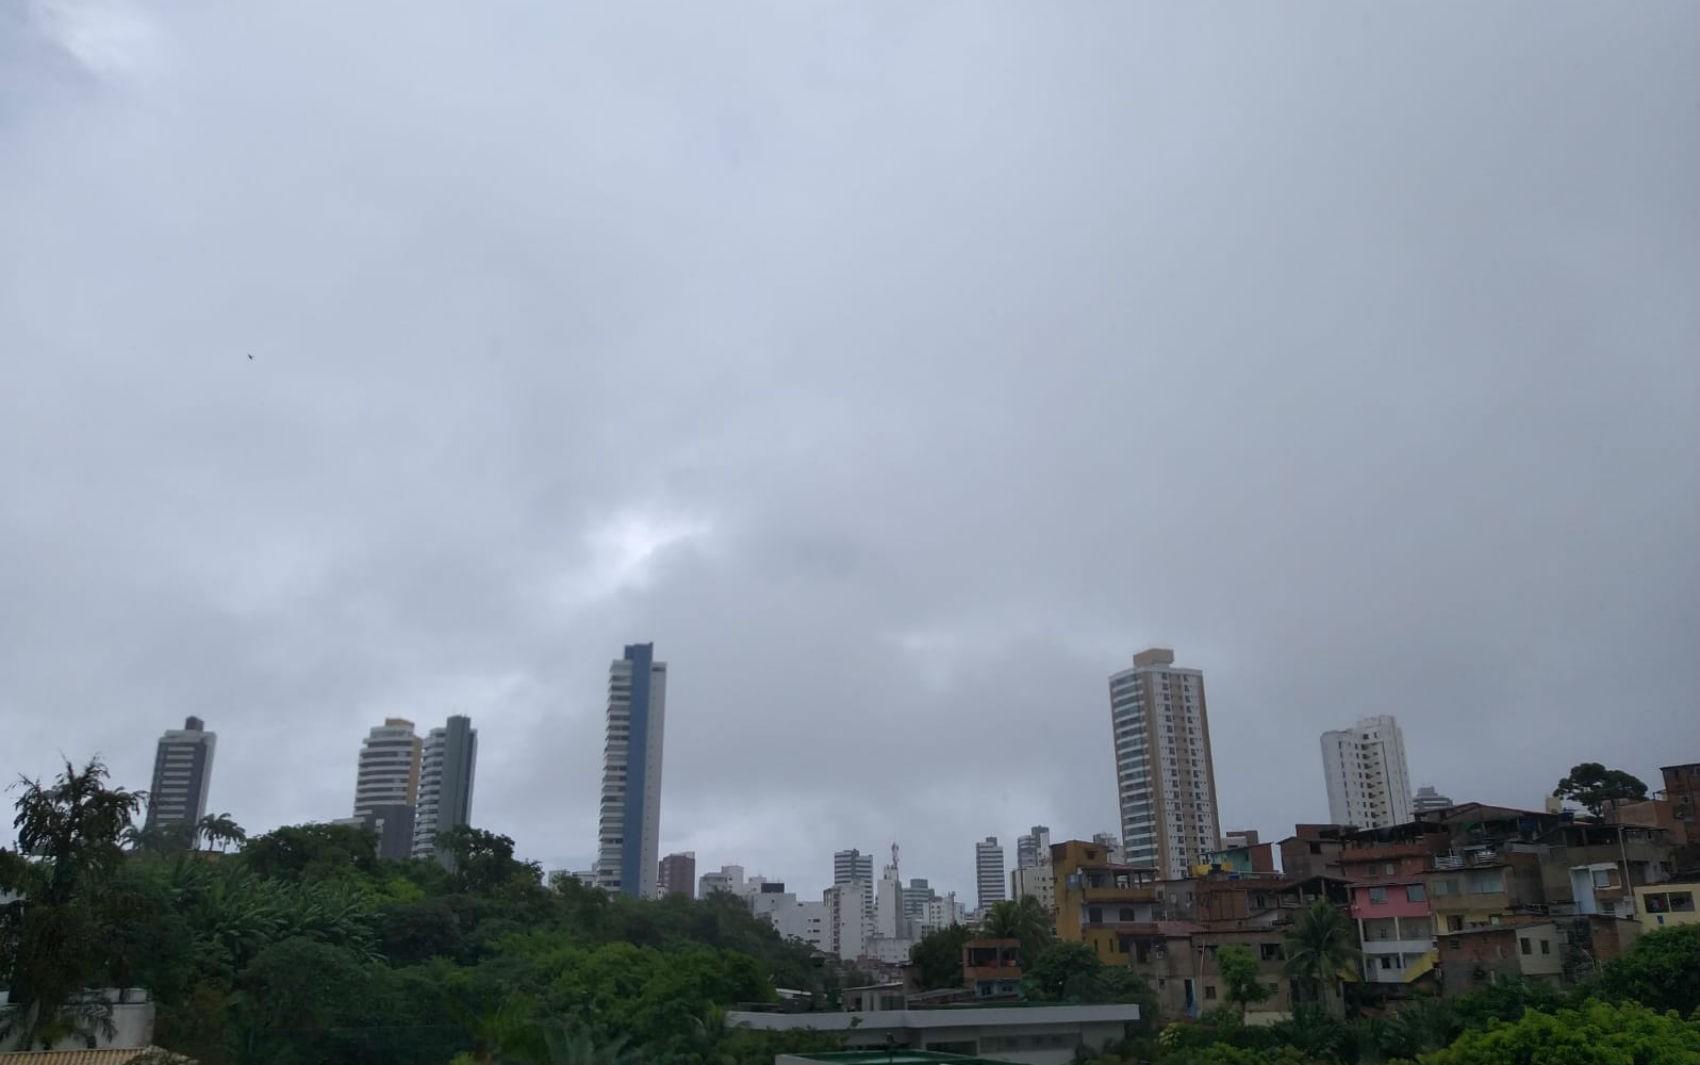 Fim de semana em Salvador será de tempo nublado com possibilidade de chuva em áreas isoladas; veja previsão